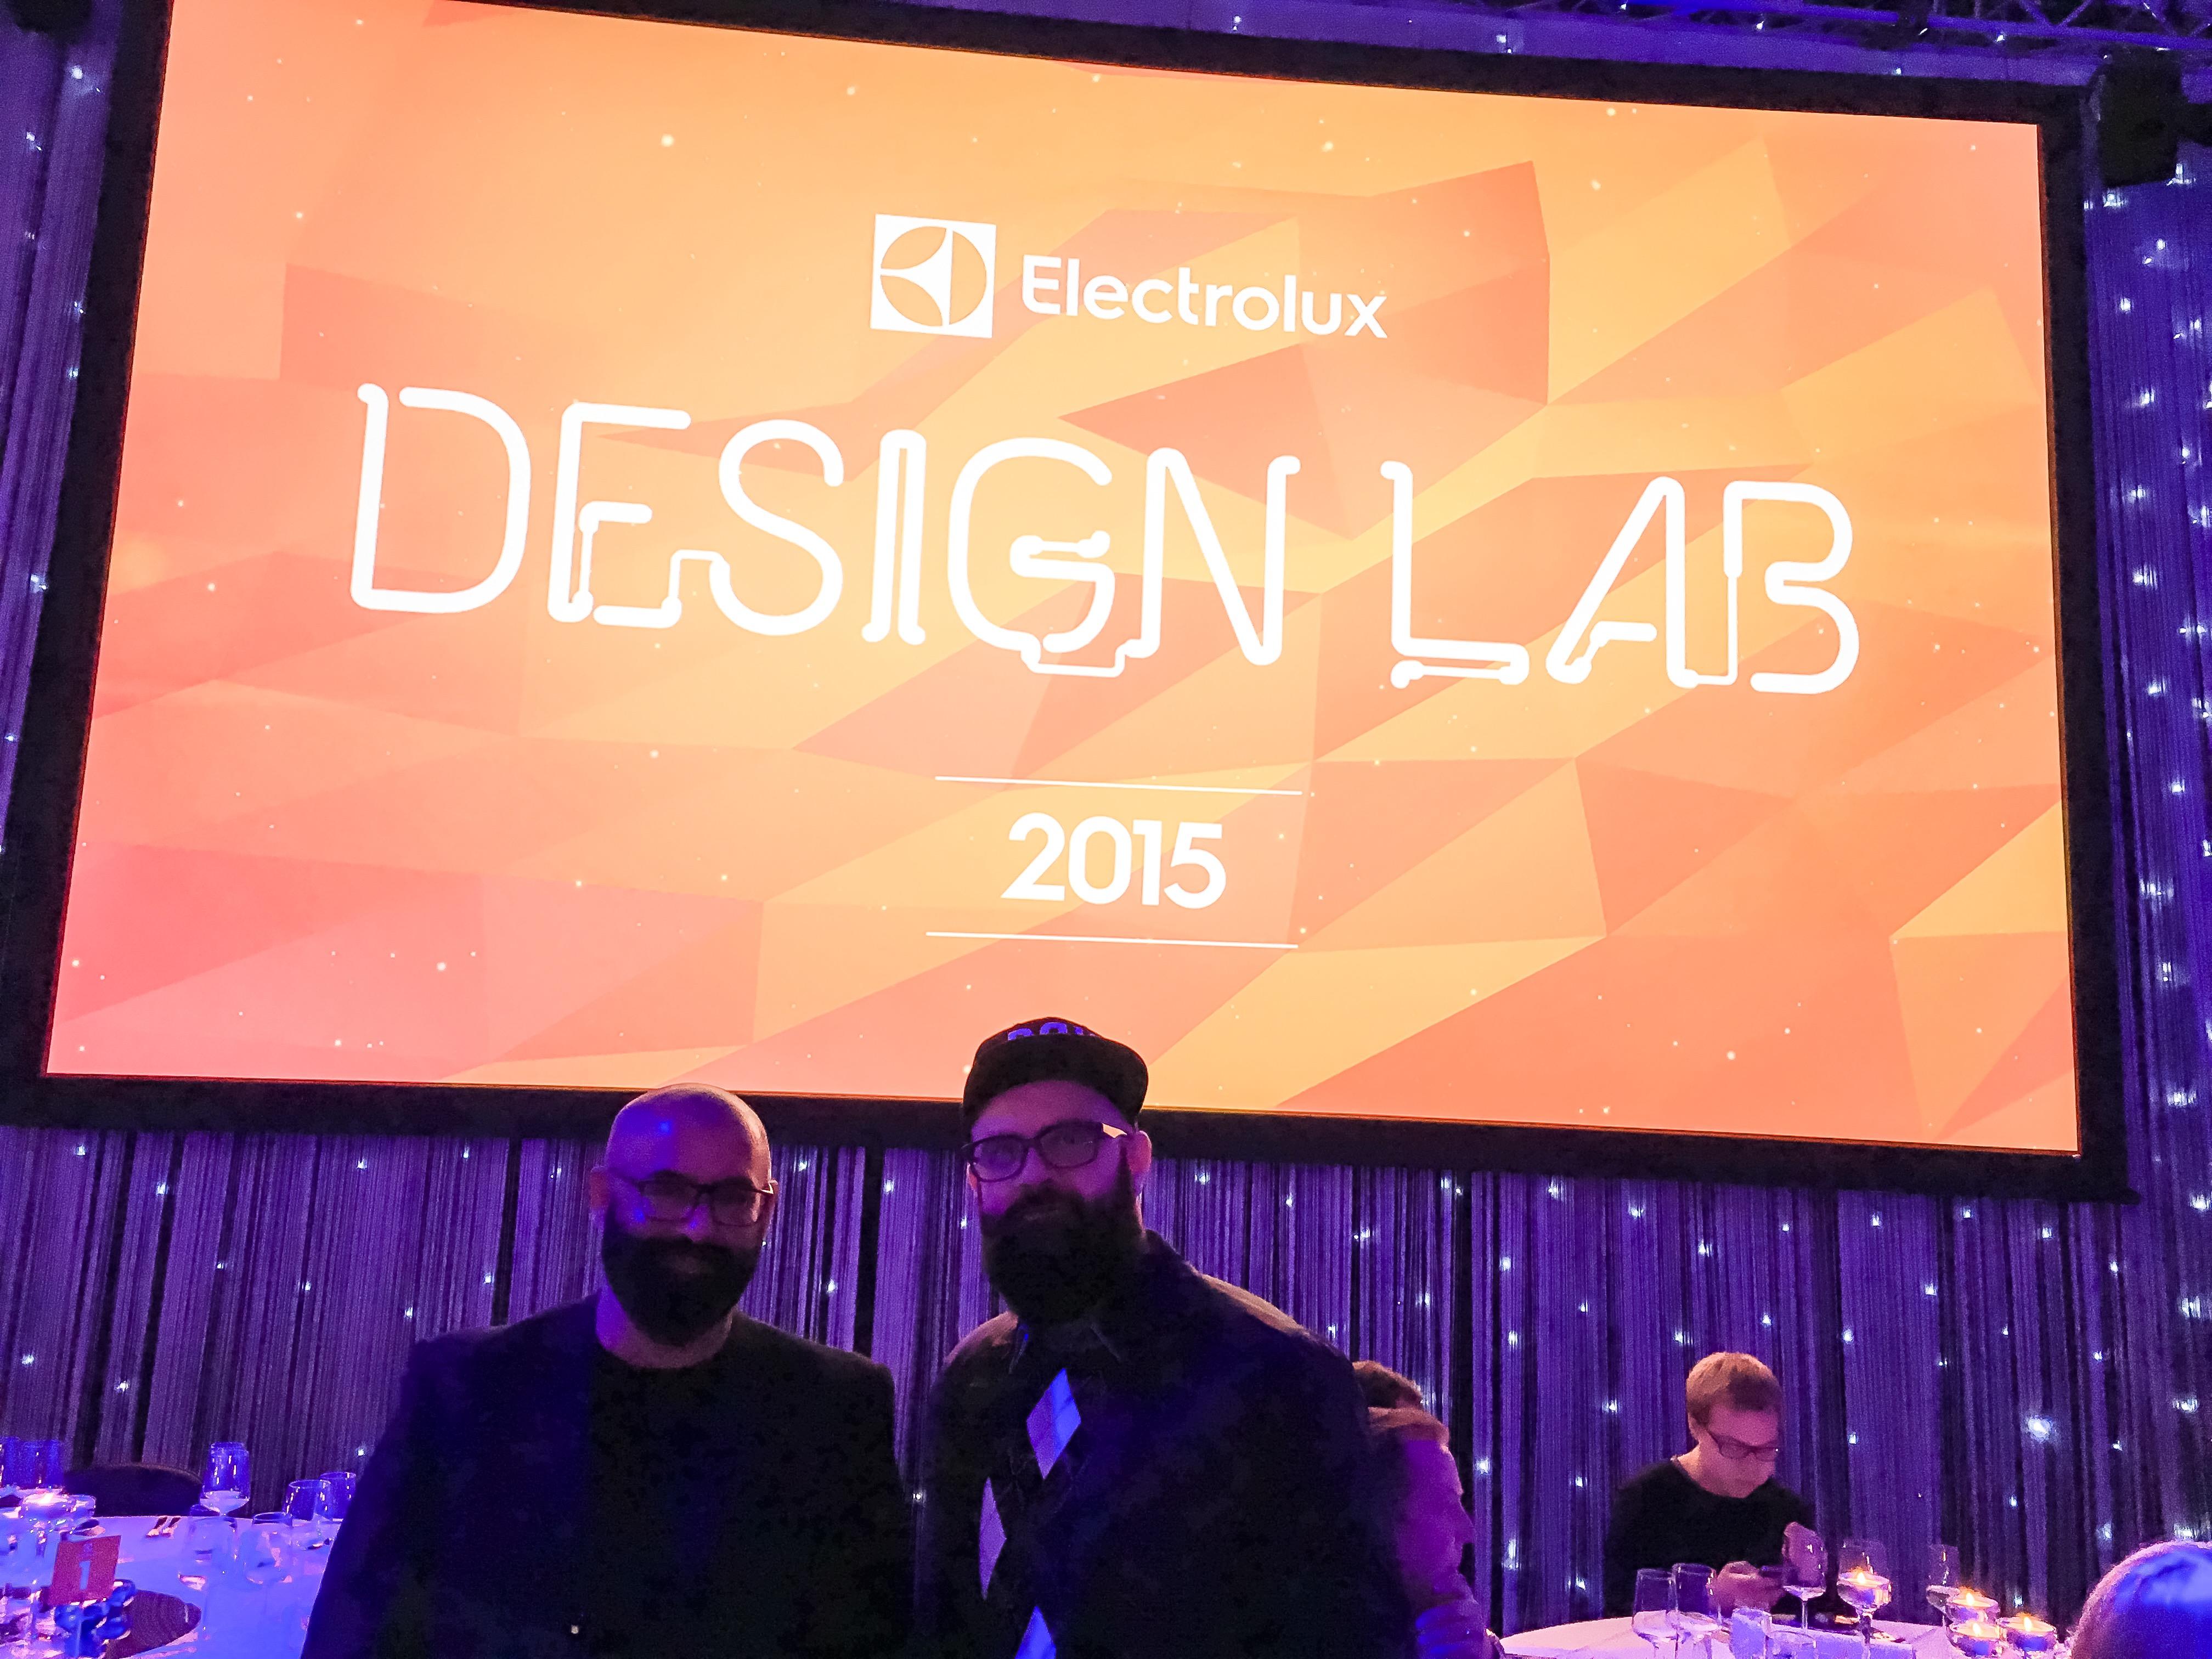 Helsinkiből, az Electrolux Design Lab idei döntőjéről jelentjük...